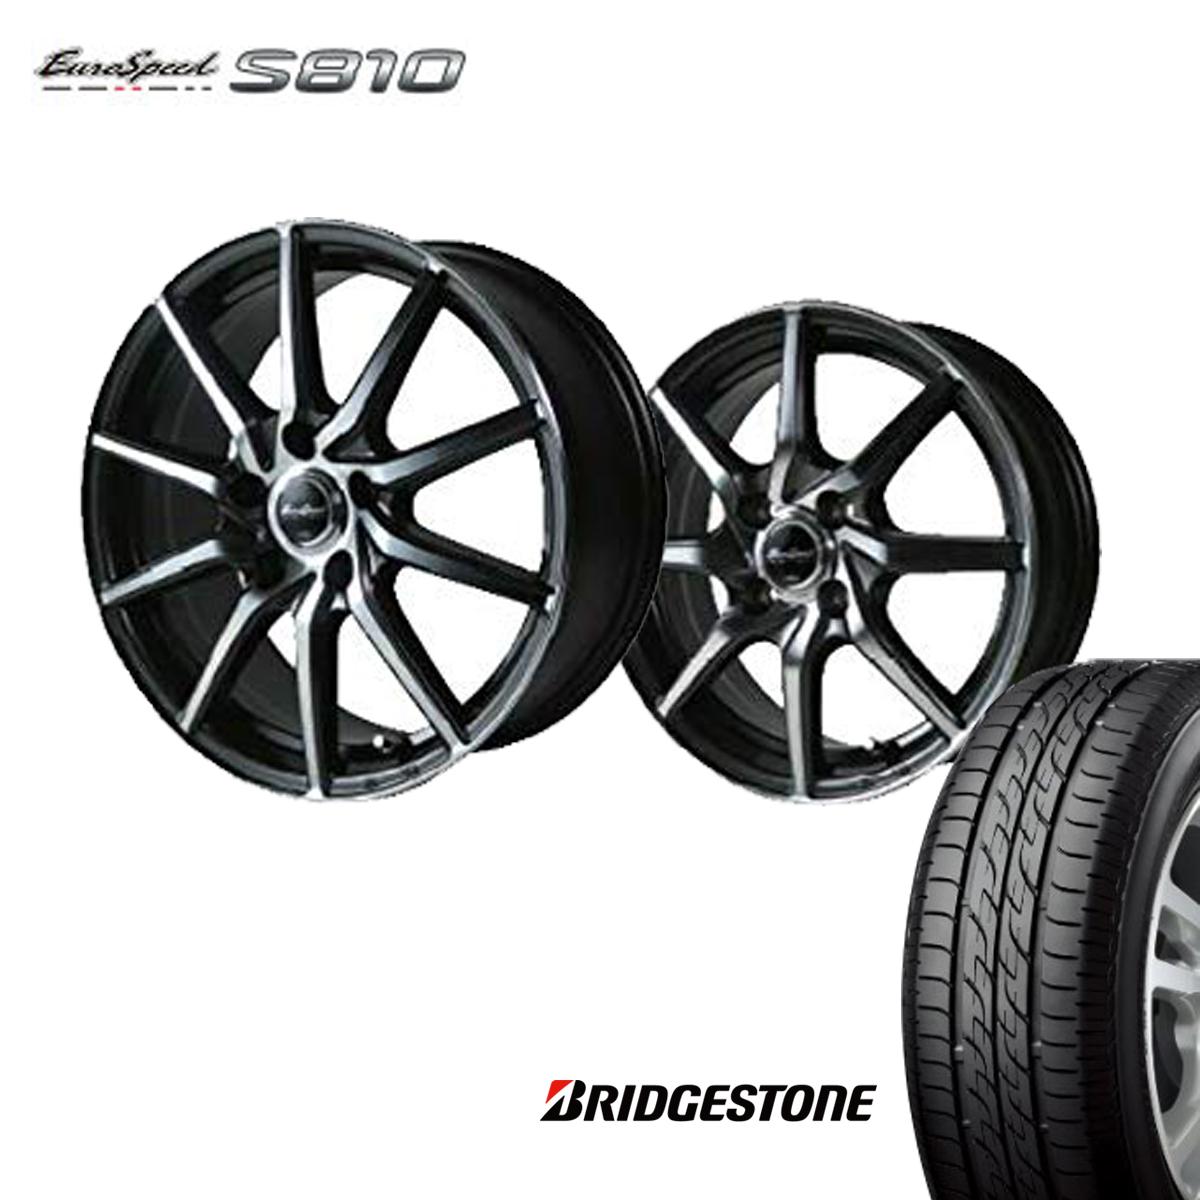 Euro Speed S810 タイヤ ホイール セット 1本 15インチ 5H100 6.0J+45 ユーロスピード S810 マナレイ スポーツ ブリヂストン 185/60R15 185 60 15